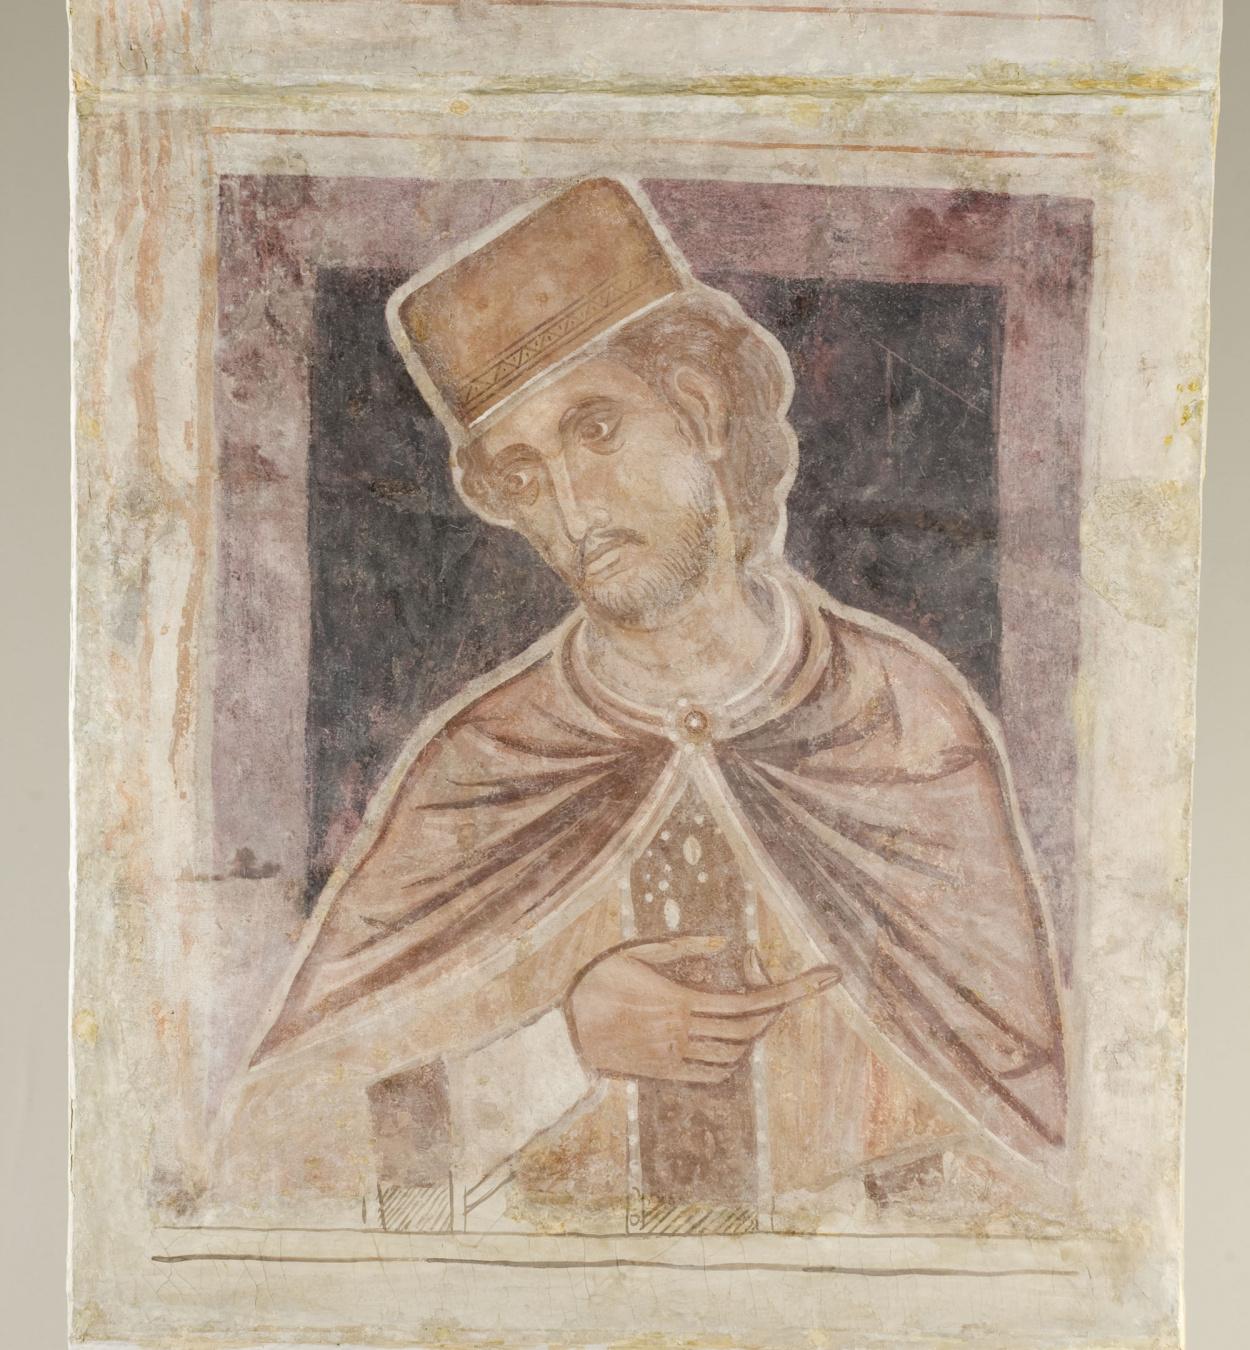 Mestre de la sala capitular de Sixena - D'Er a Simeó de la genealogia de Crist segons Lluc, de la sala capitular de Sixena - Entre 1196-1208 [5]